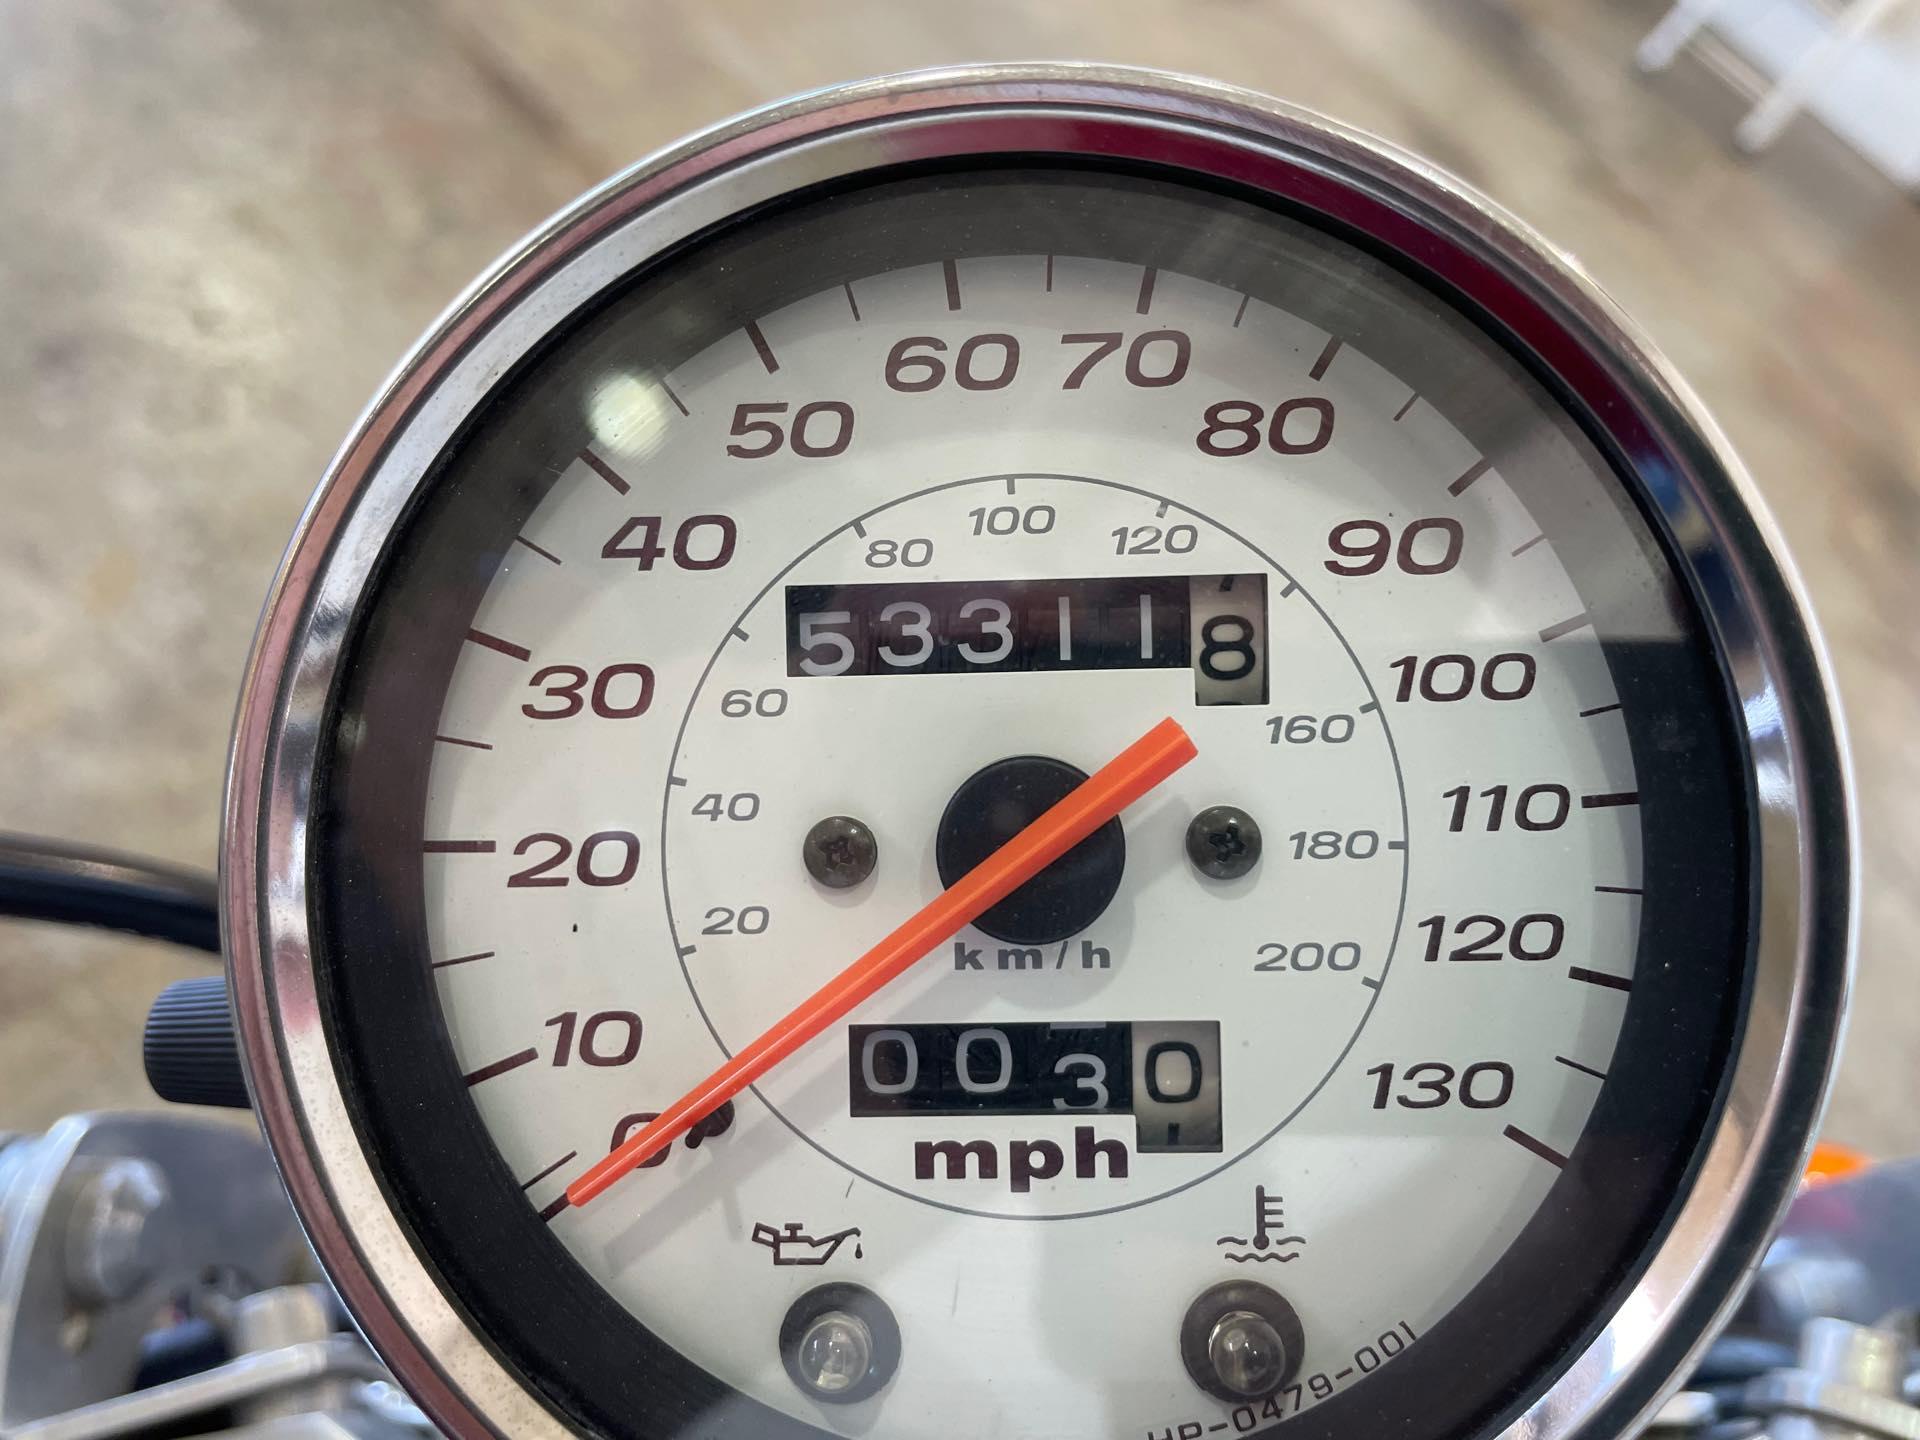 2004 Honda Shadow Sabre at Twisted Cycles